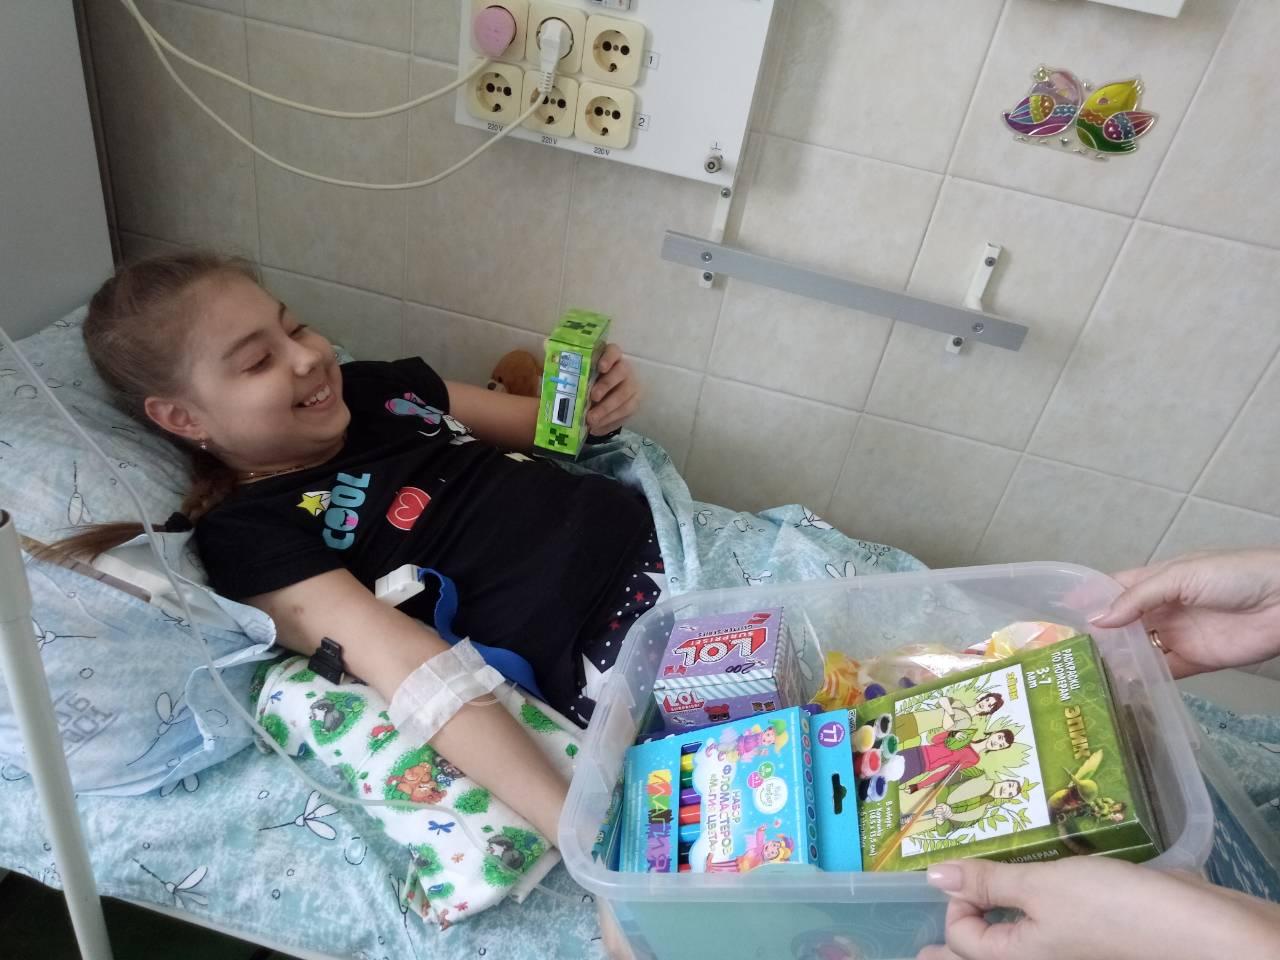 Оборонно-промышленное предприятие в Туле собирает игрушки для больных детей